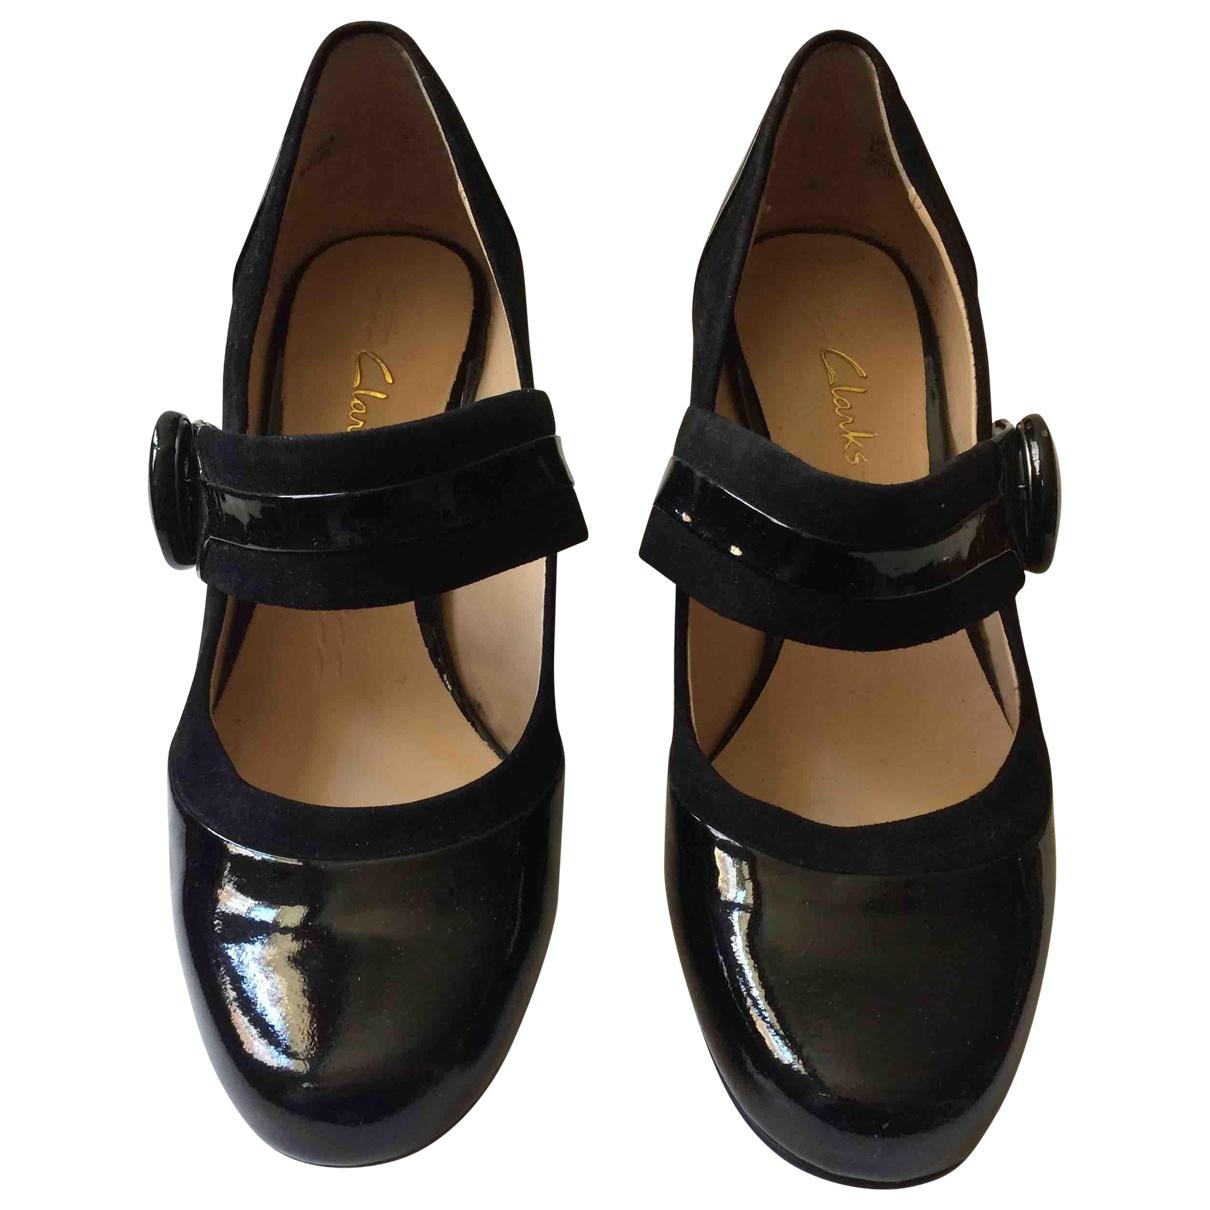 Clarks - Escarpins   pour femme en cuir verni - noir